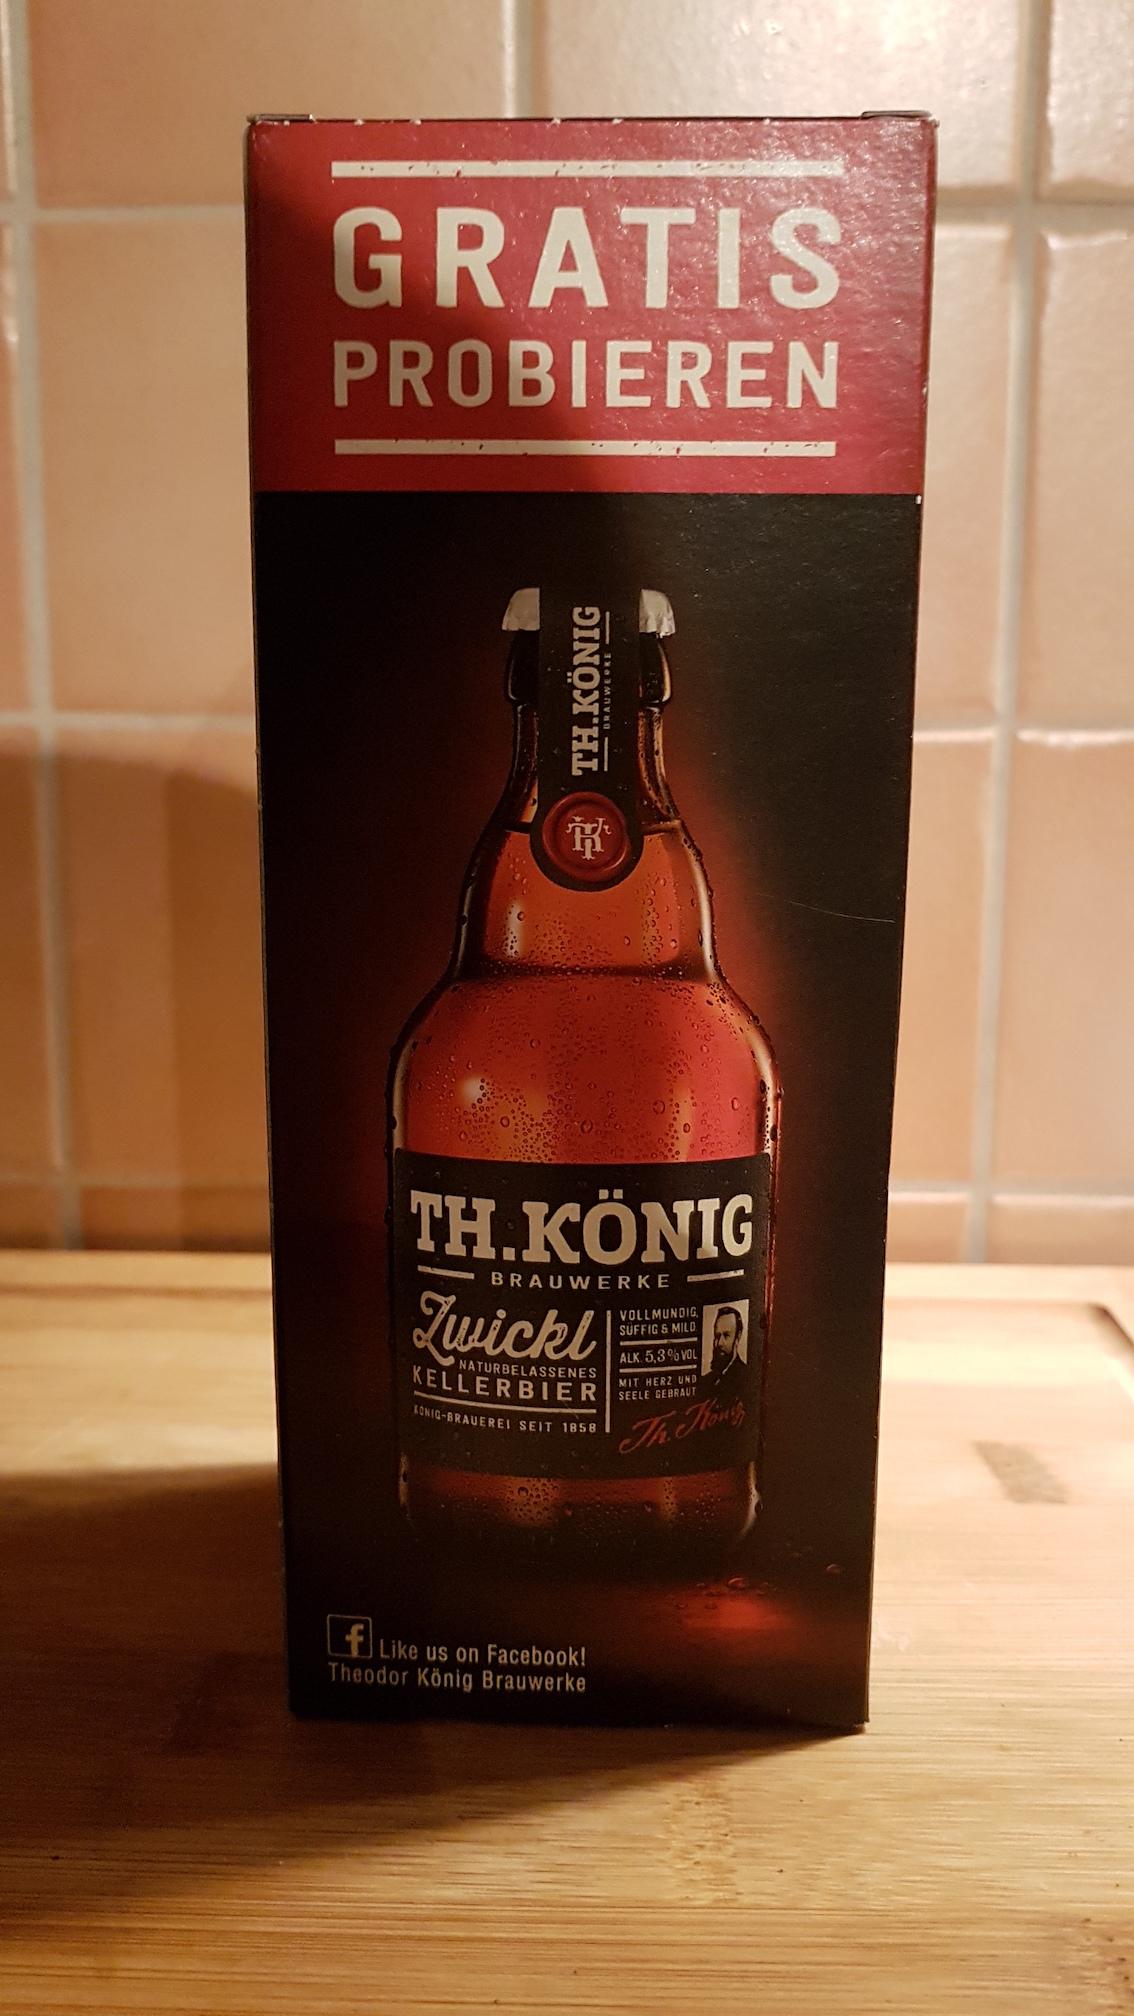 [Lokal?] Gratis Bier TH.König bei EDEKA in Nienburg/Weser